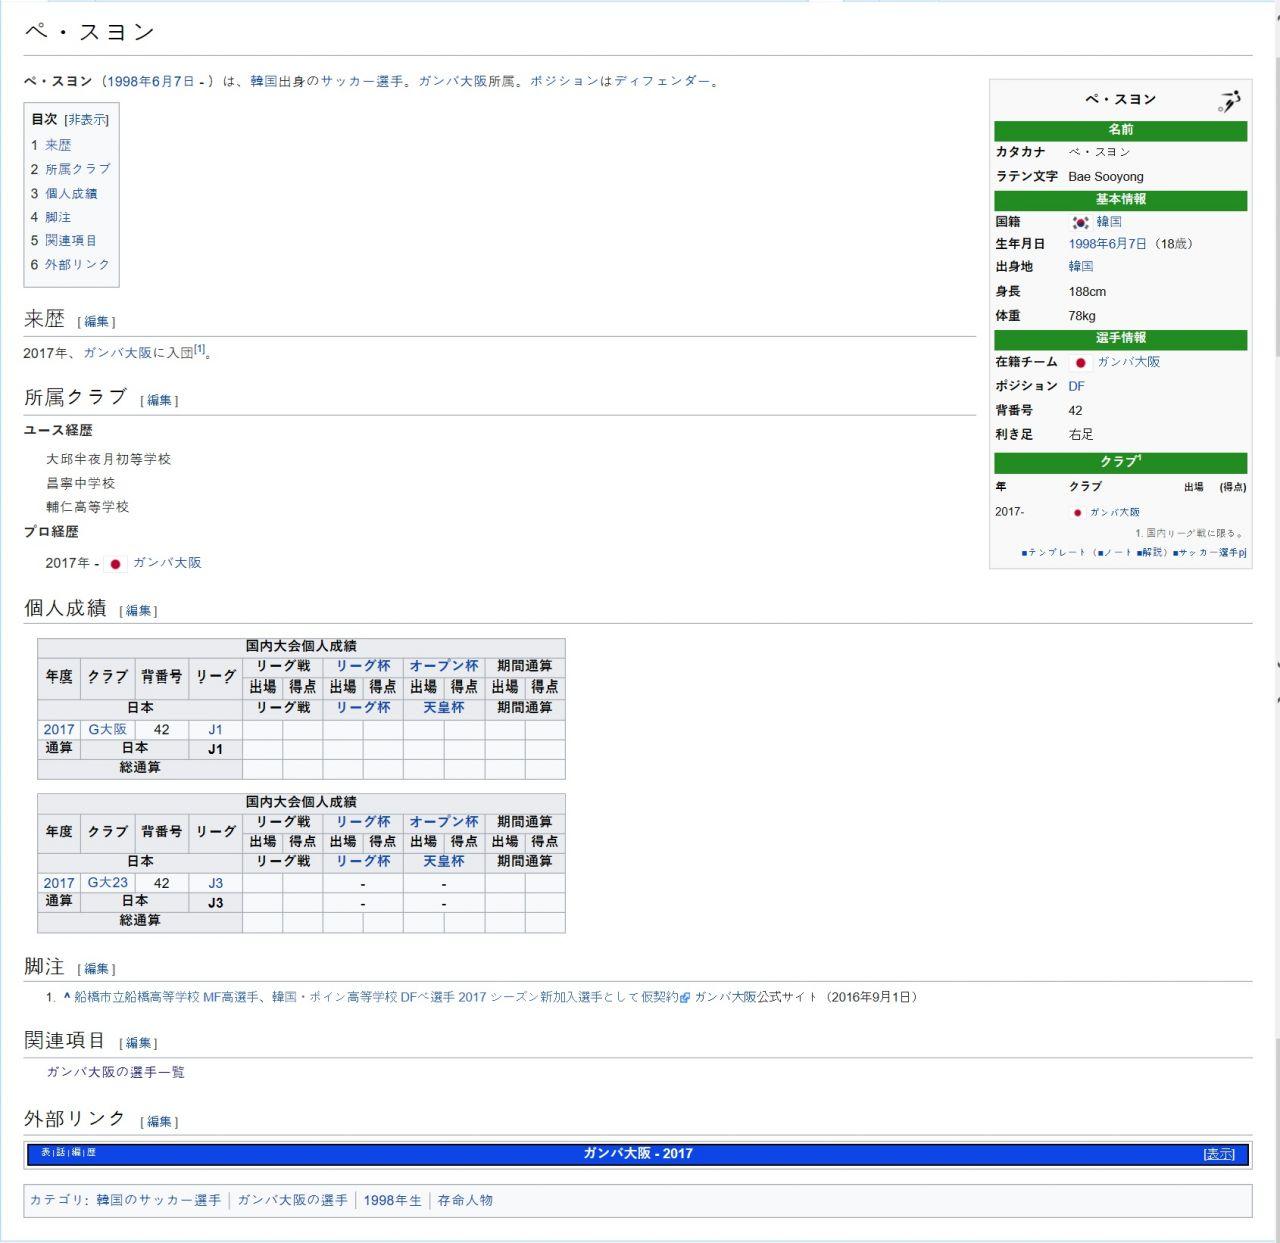 wikipedia_org_20170218_161801.jpg